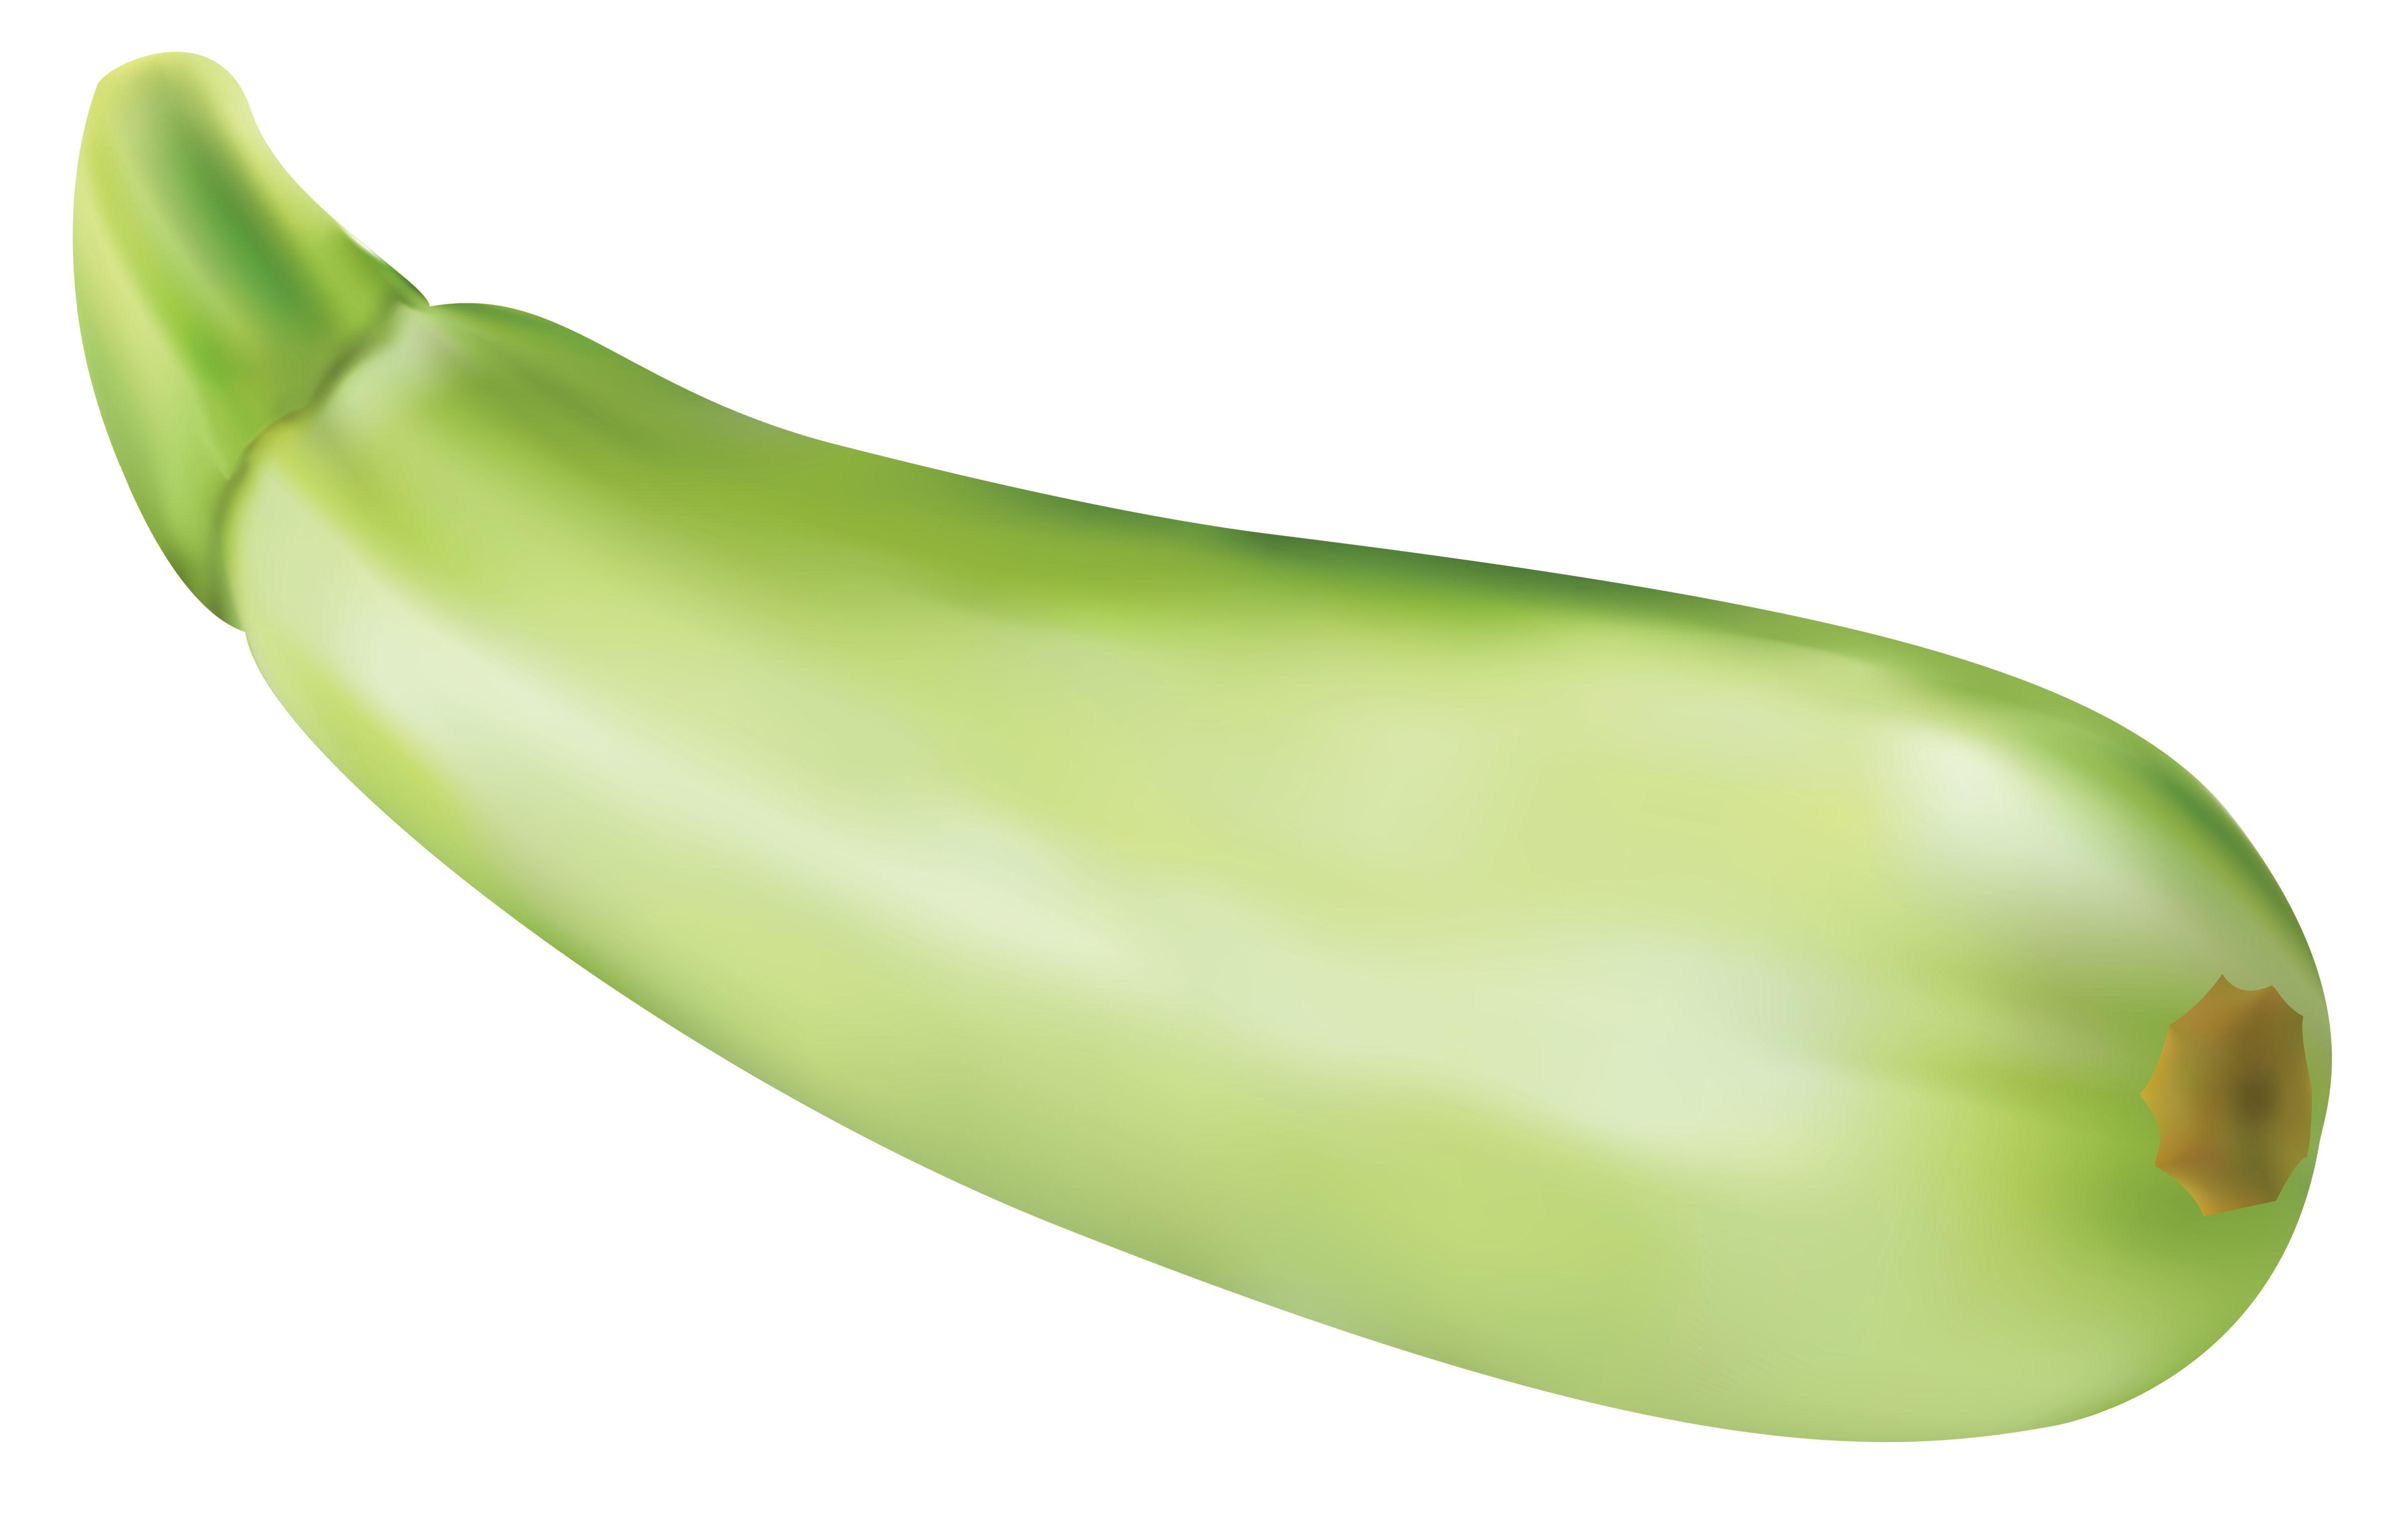 Clipart zucchini free stock Zucchini clipart free - ClipartFest free stock